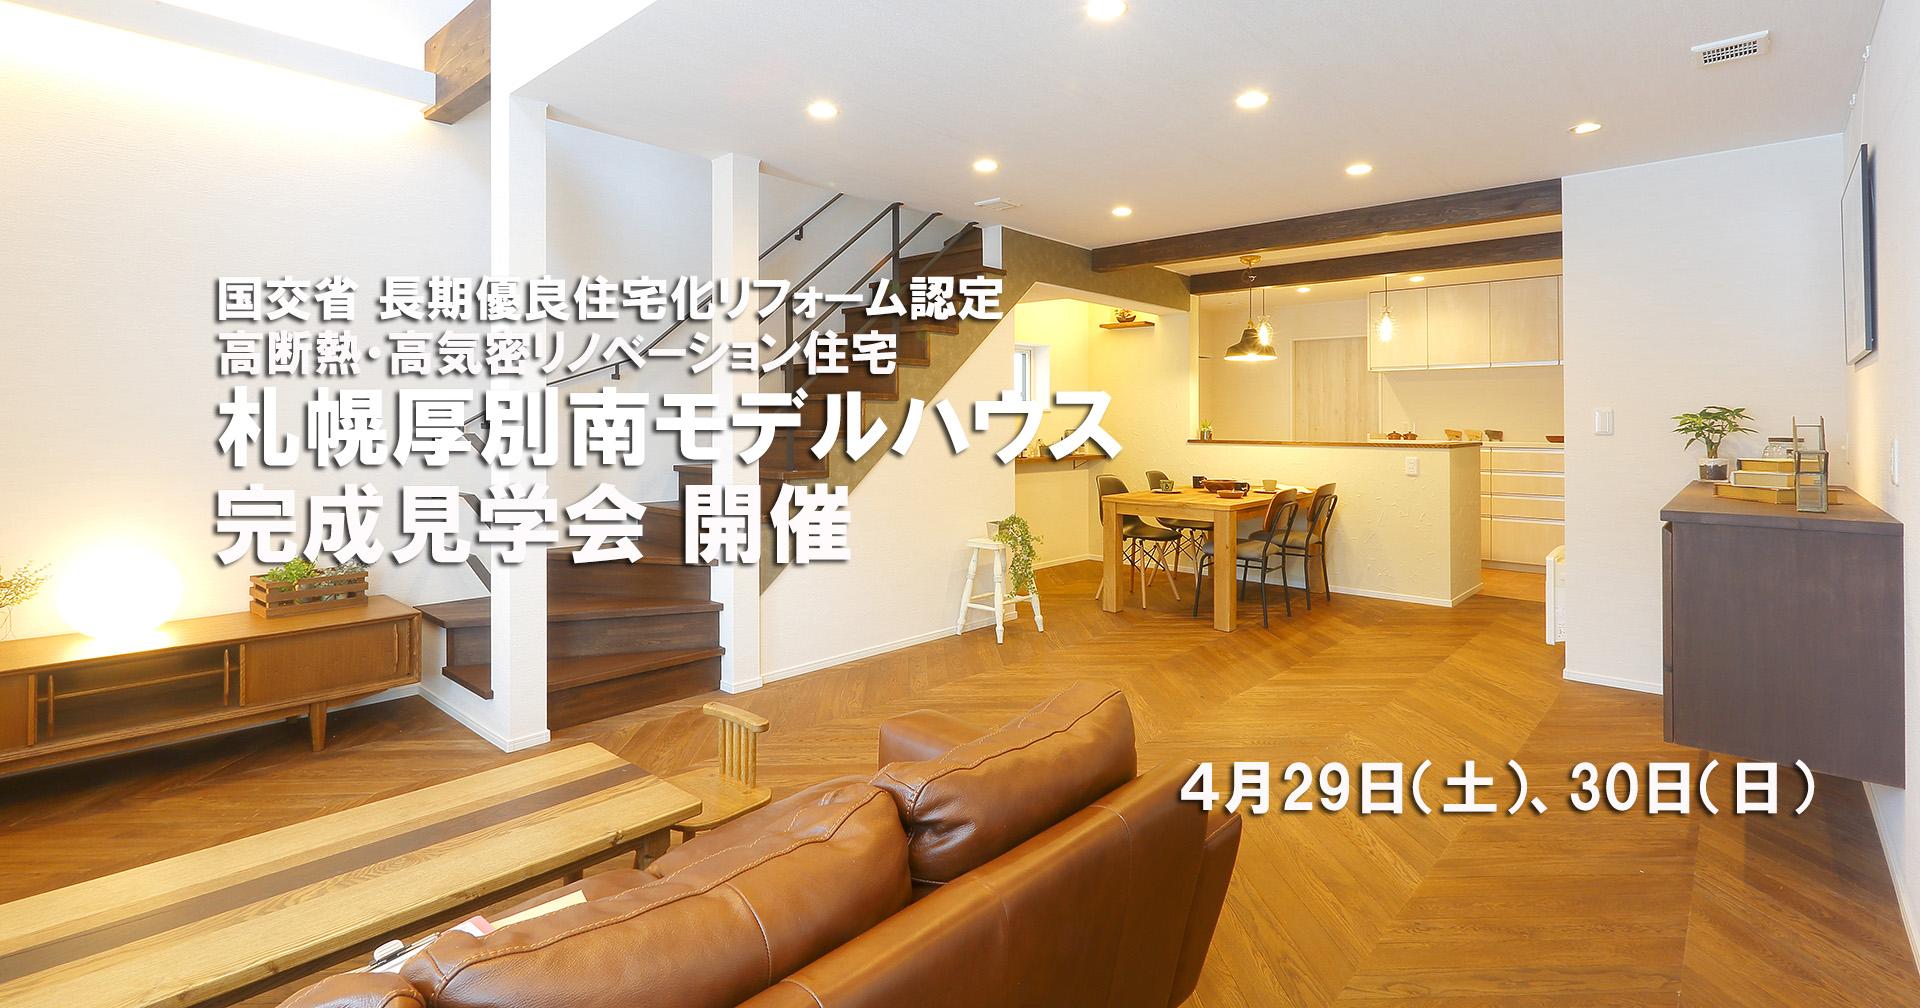 長期優良リノベーション住宅 モデルハウス公開中(札幌市厚別区)